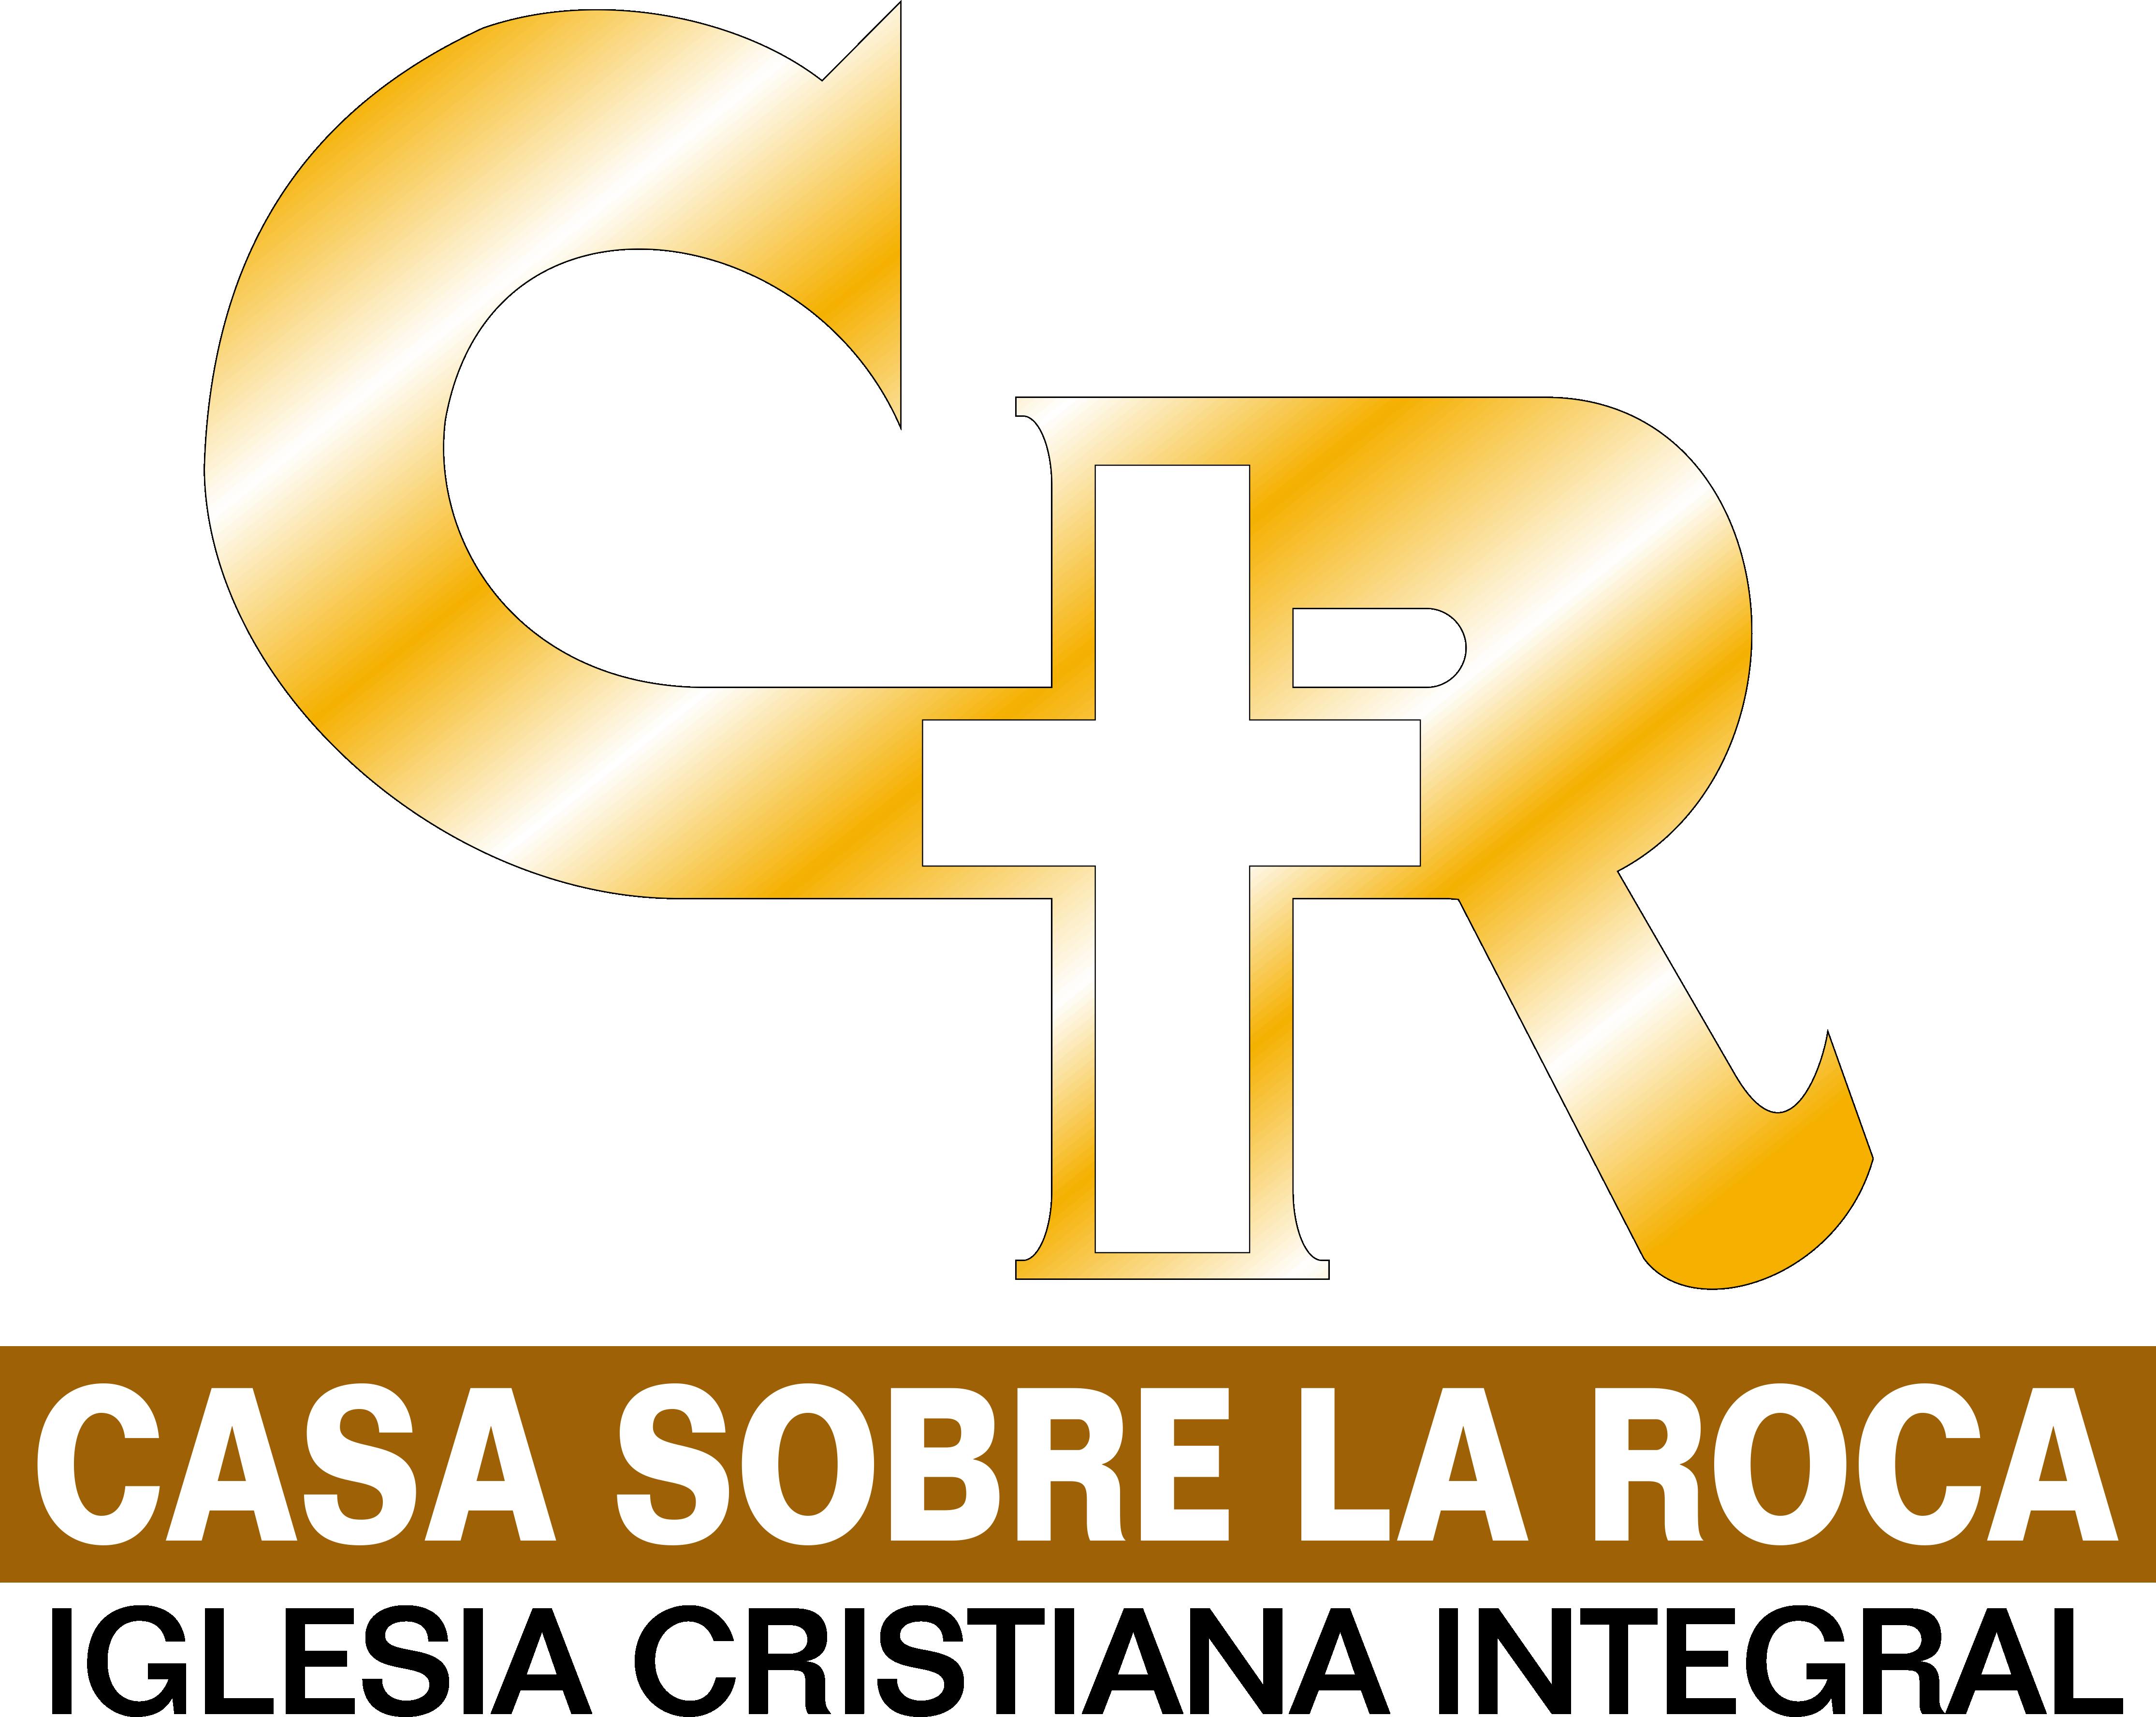 Casa Sobre la Roca Iglesia Cristiana Integral